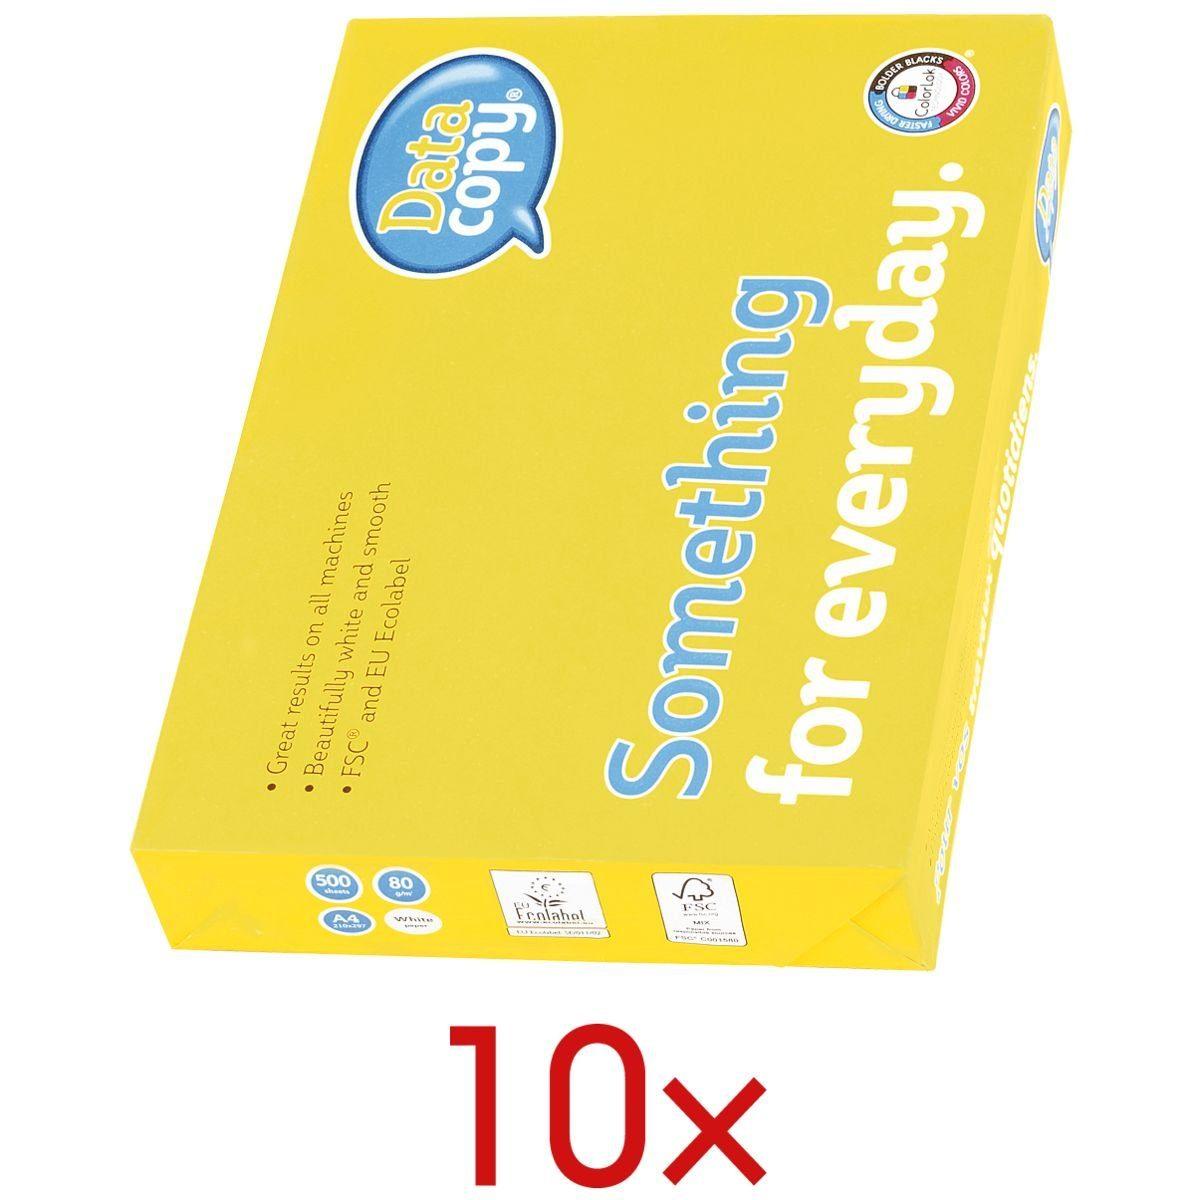 Data-Copy 10 Pack Multifunktionales Druckerpapier »Everyday Printing« 1 Set